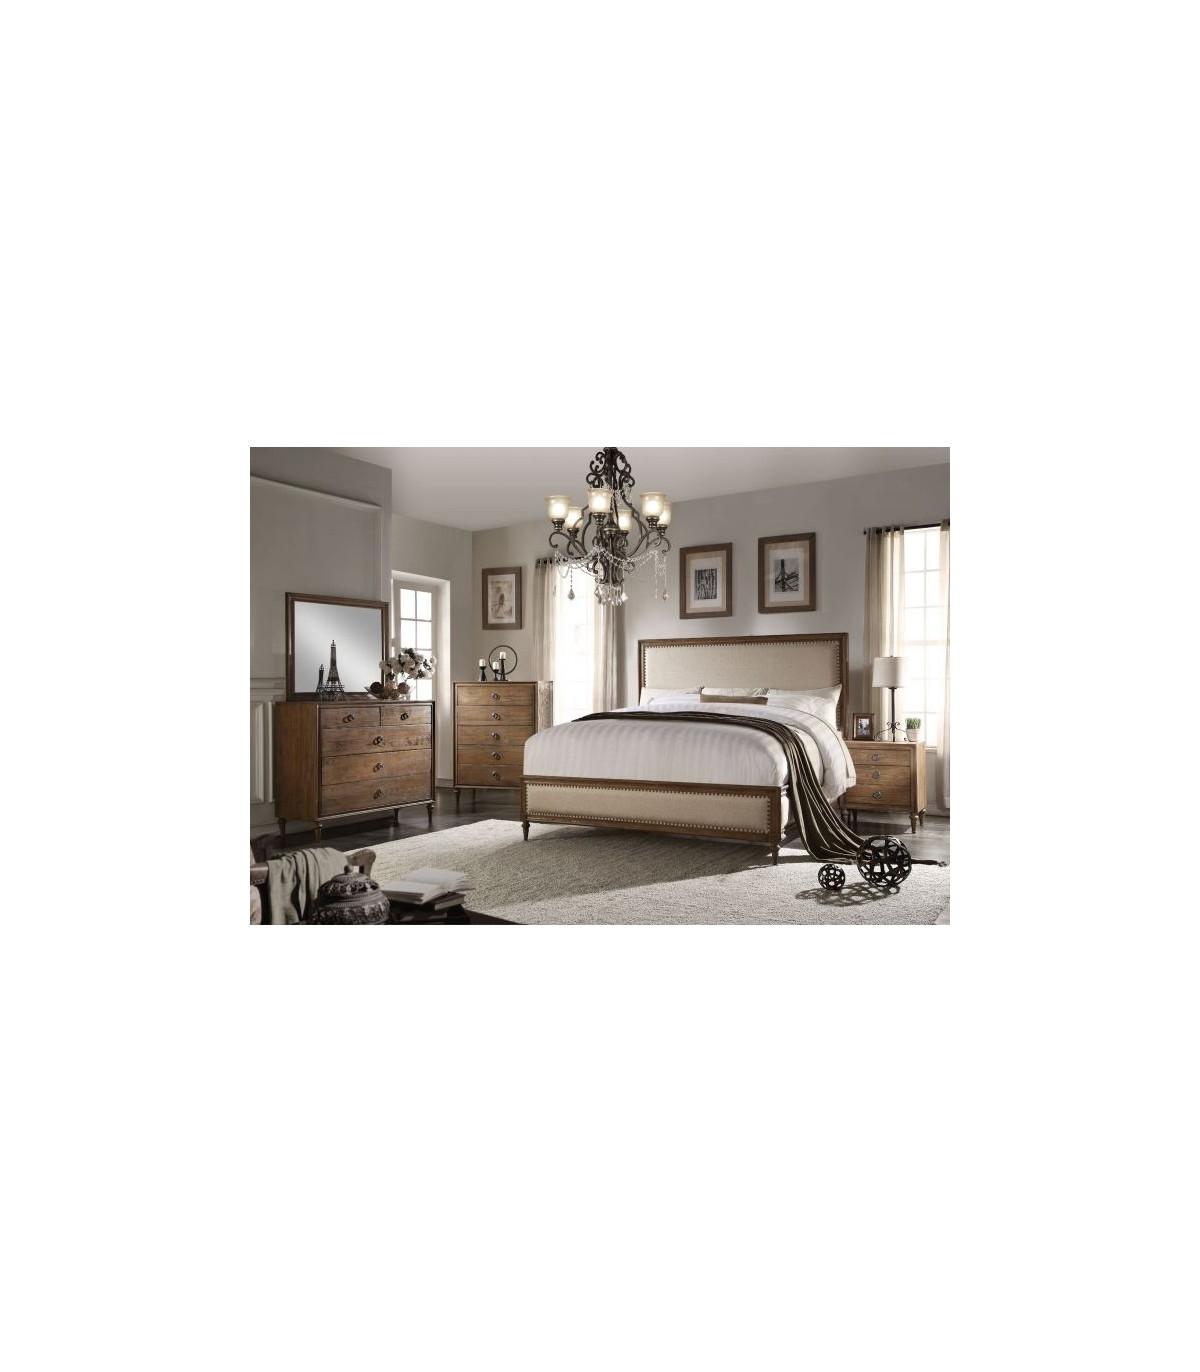 Queen Bedroom Sets Under 500 Cheap Bedroom Furniture Sets Under Queen Bedroom Furniture Sets Under Collection With Oak For Queen Queen Size Bedroom Sets